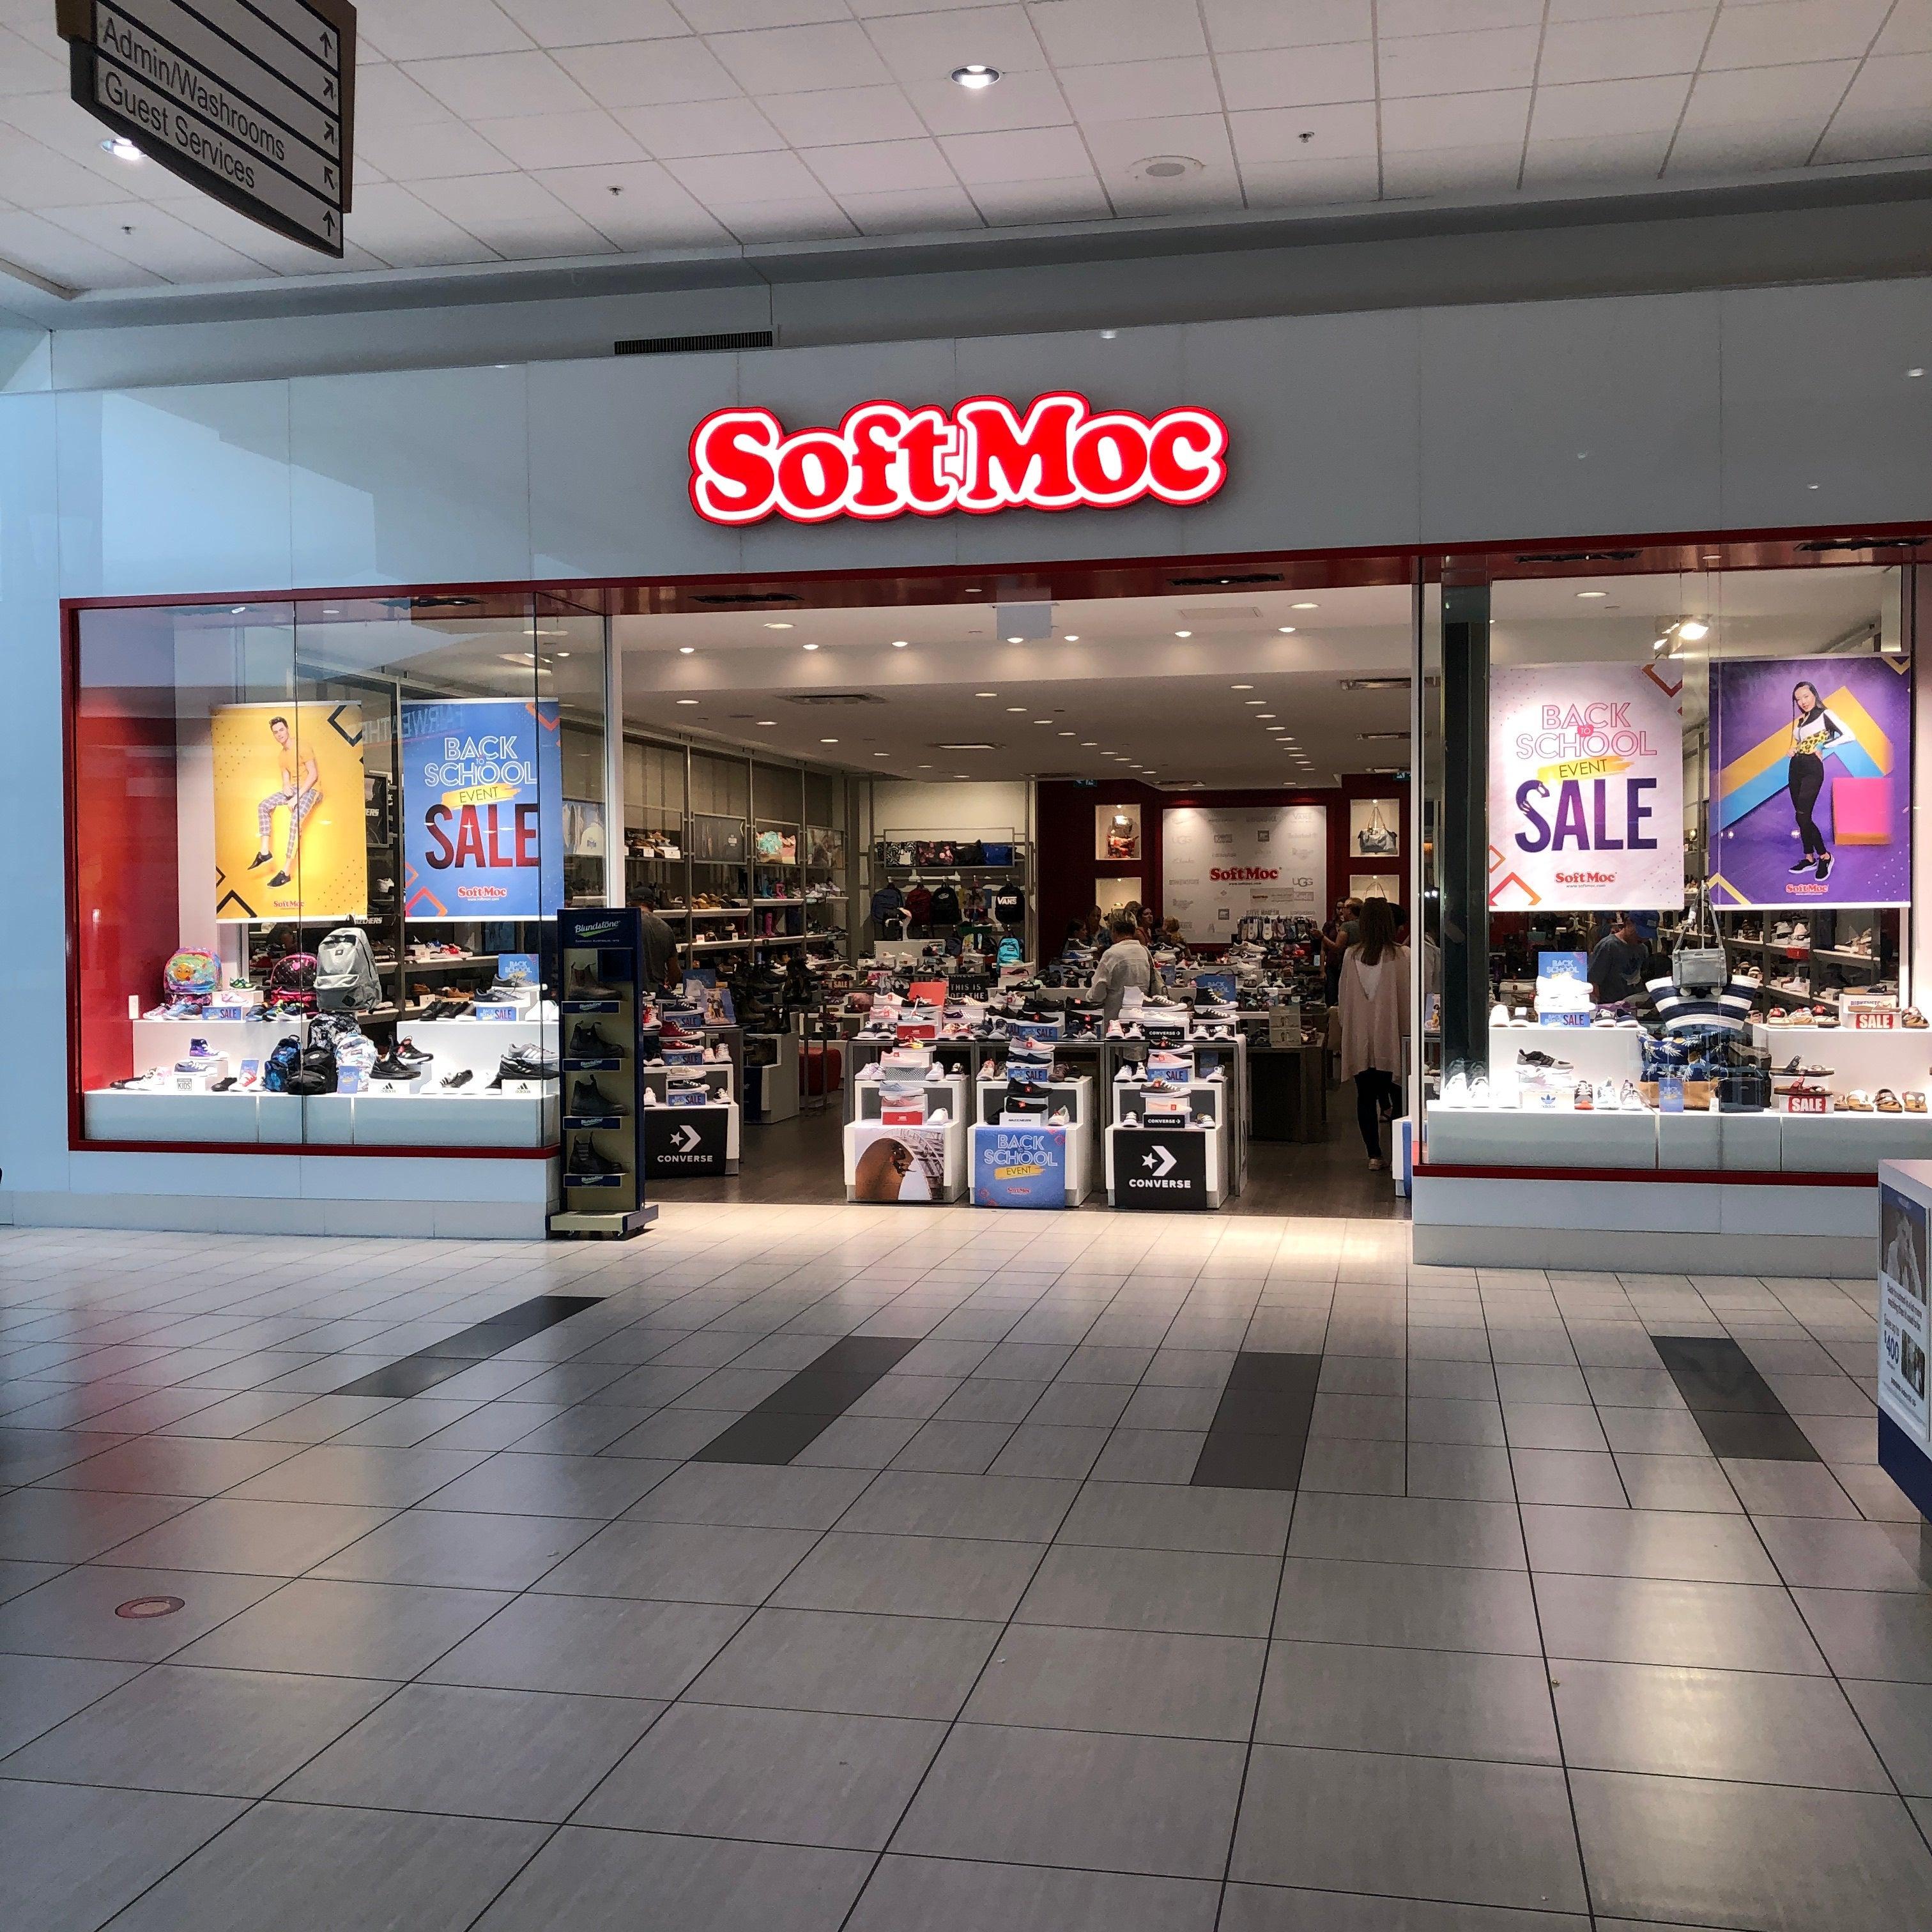 SoftMoc Conestoga Mall